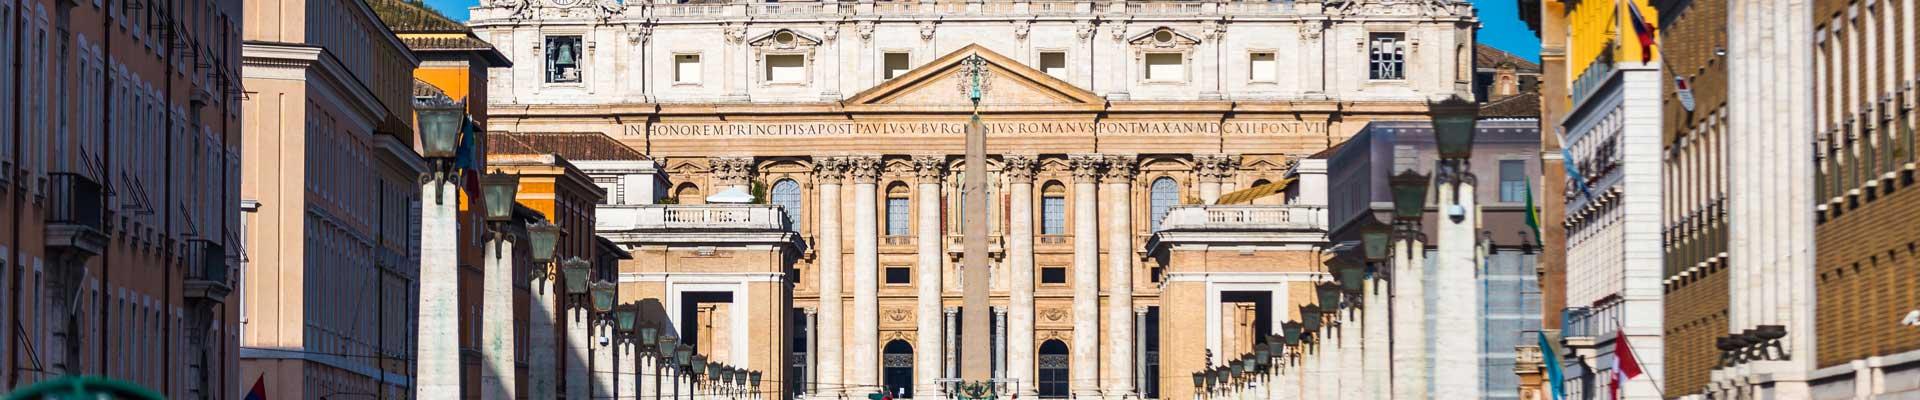 Vatican Museum Tour Rome